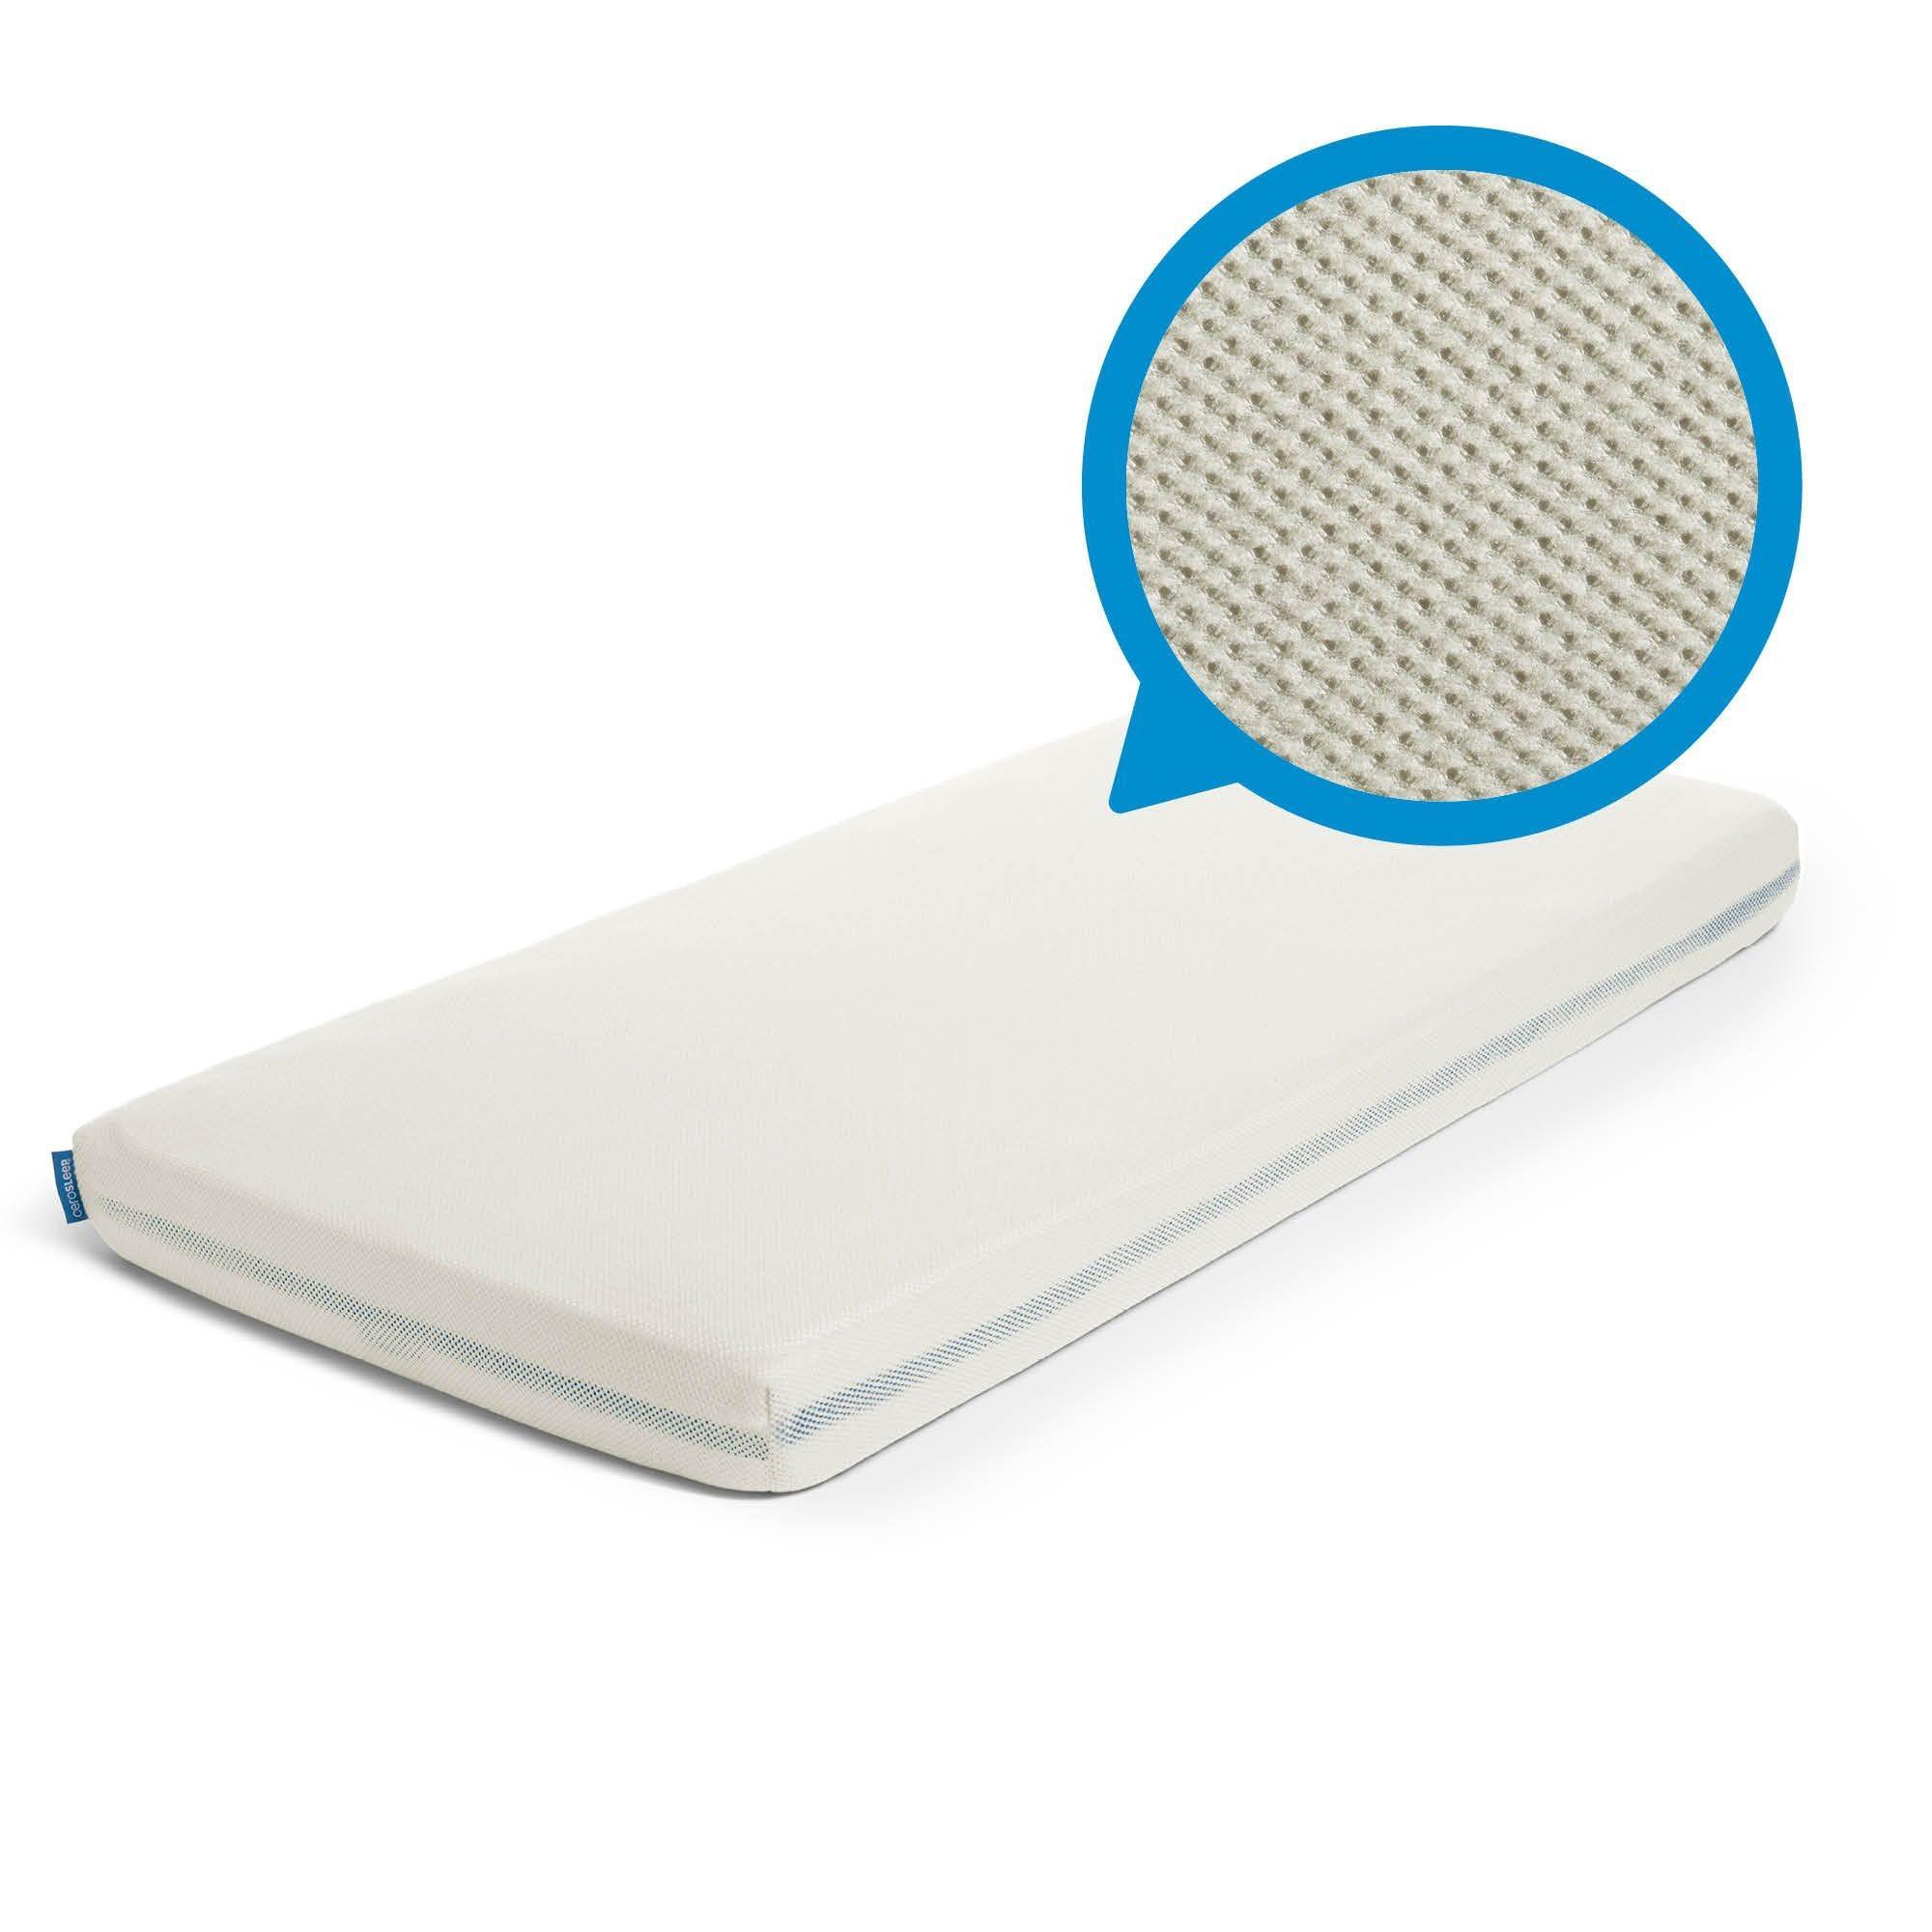 Aerosleep - Sleep Safe Hoeslaken Ecru - 60x120